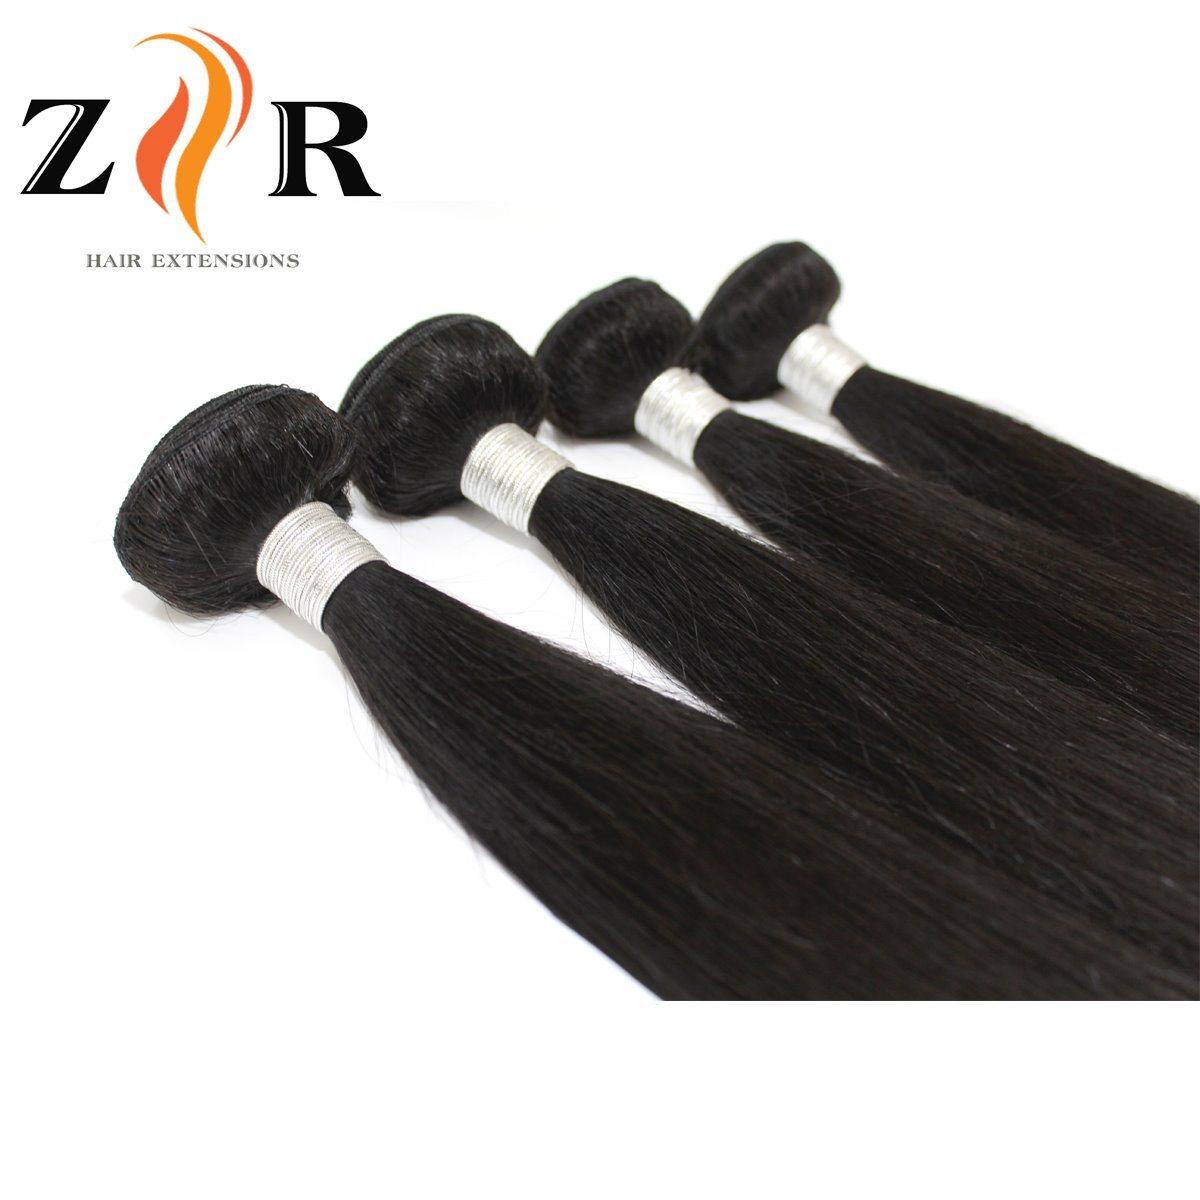 China Long Human Hair Extensions Can Dye Natural Black Virgin Hair